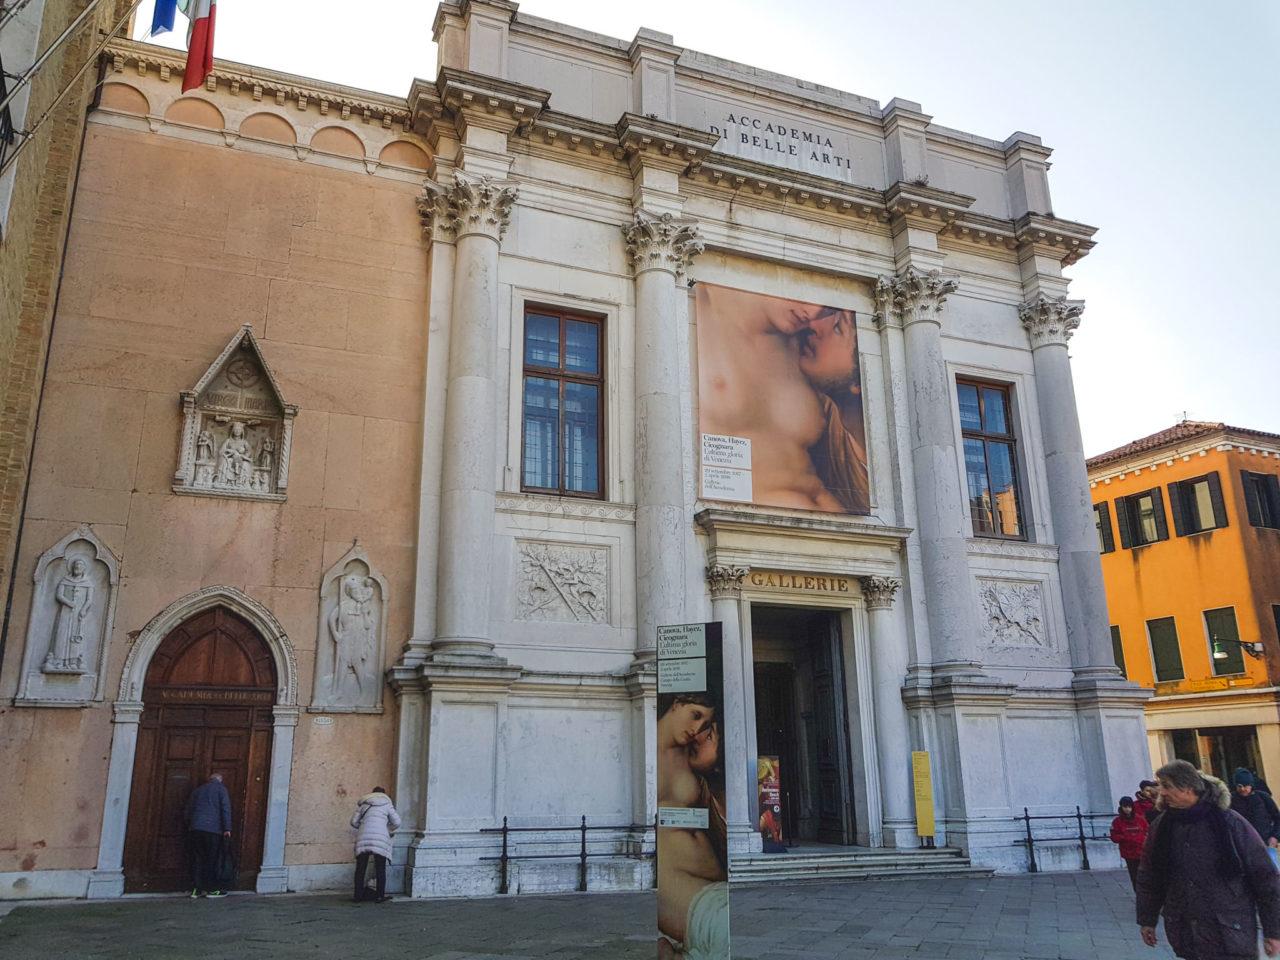 Музей Академии (Gallerie dell'Accademia)